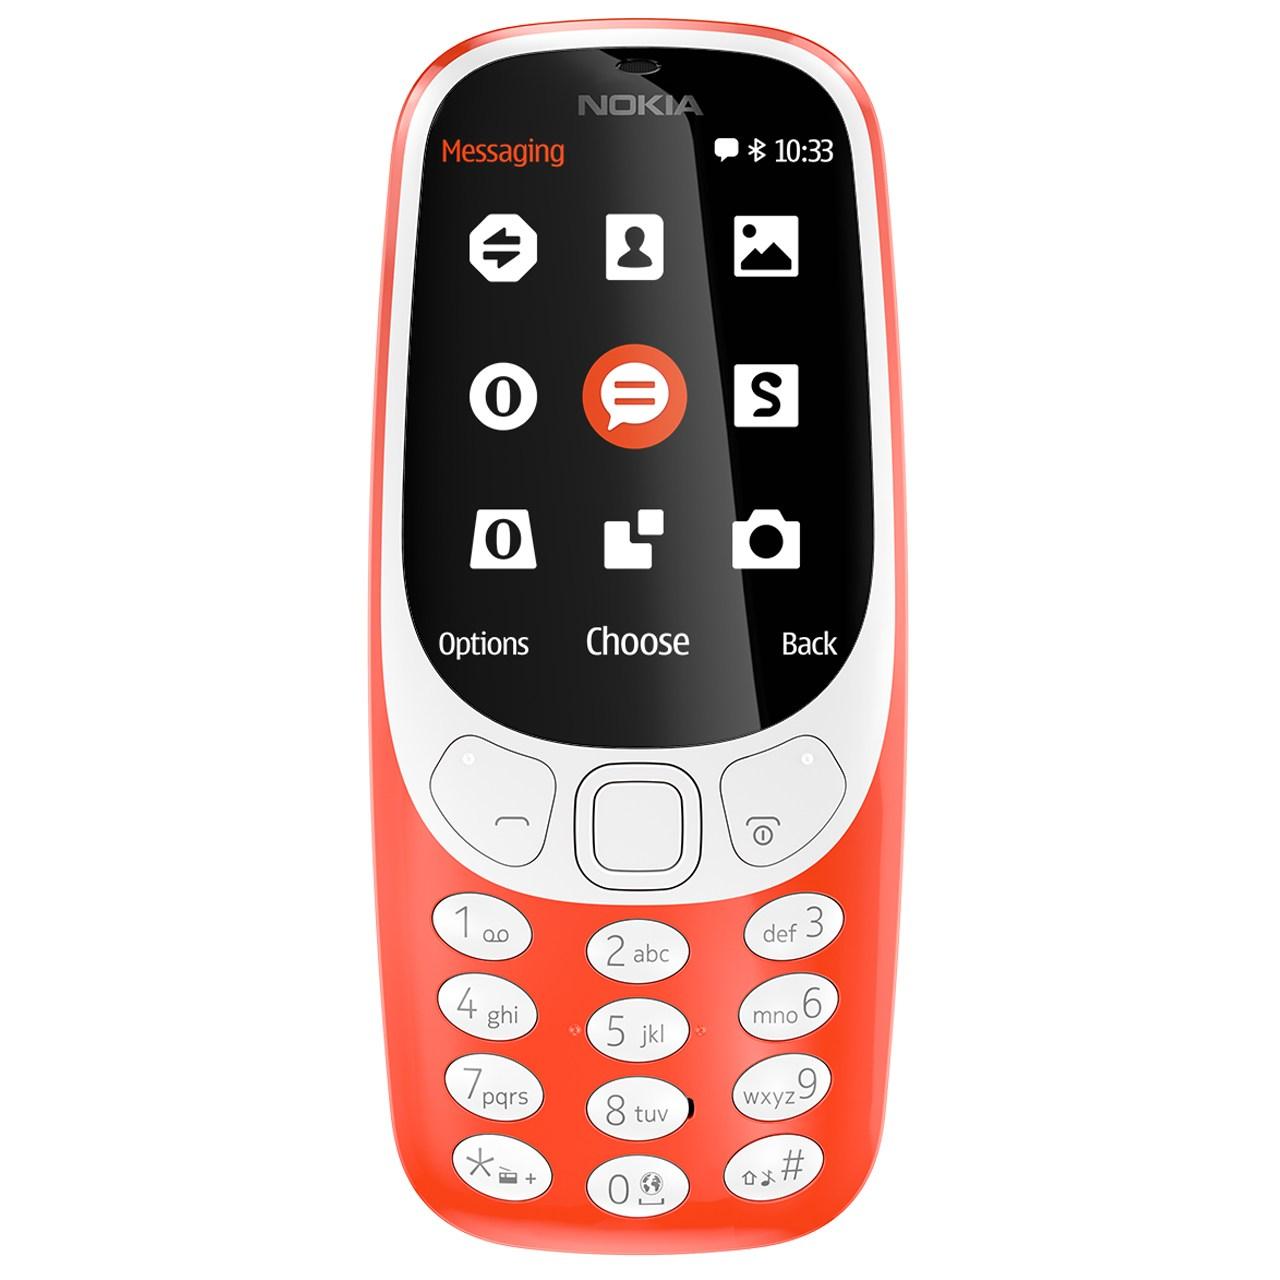 تصویر گوشی نوکیا 3310 | حافظه 16 مگابایت Nokia 3310 16 MB